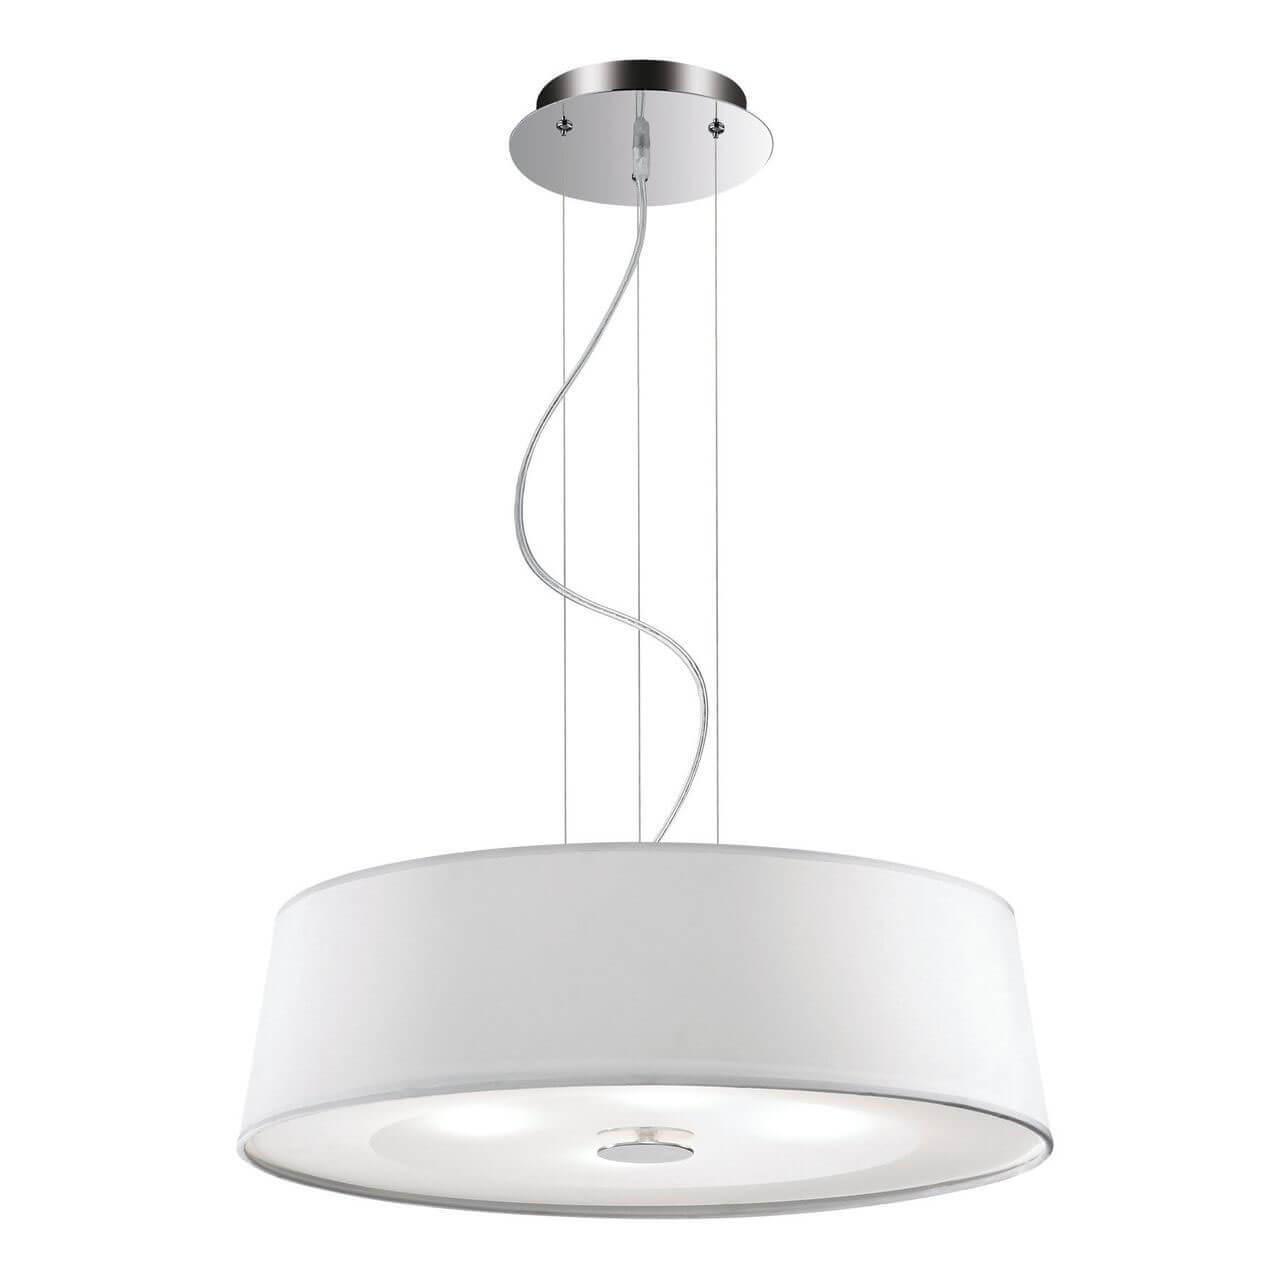 Подвесной светильник Ideal Lux Hilton SP4 Round Bianco цена